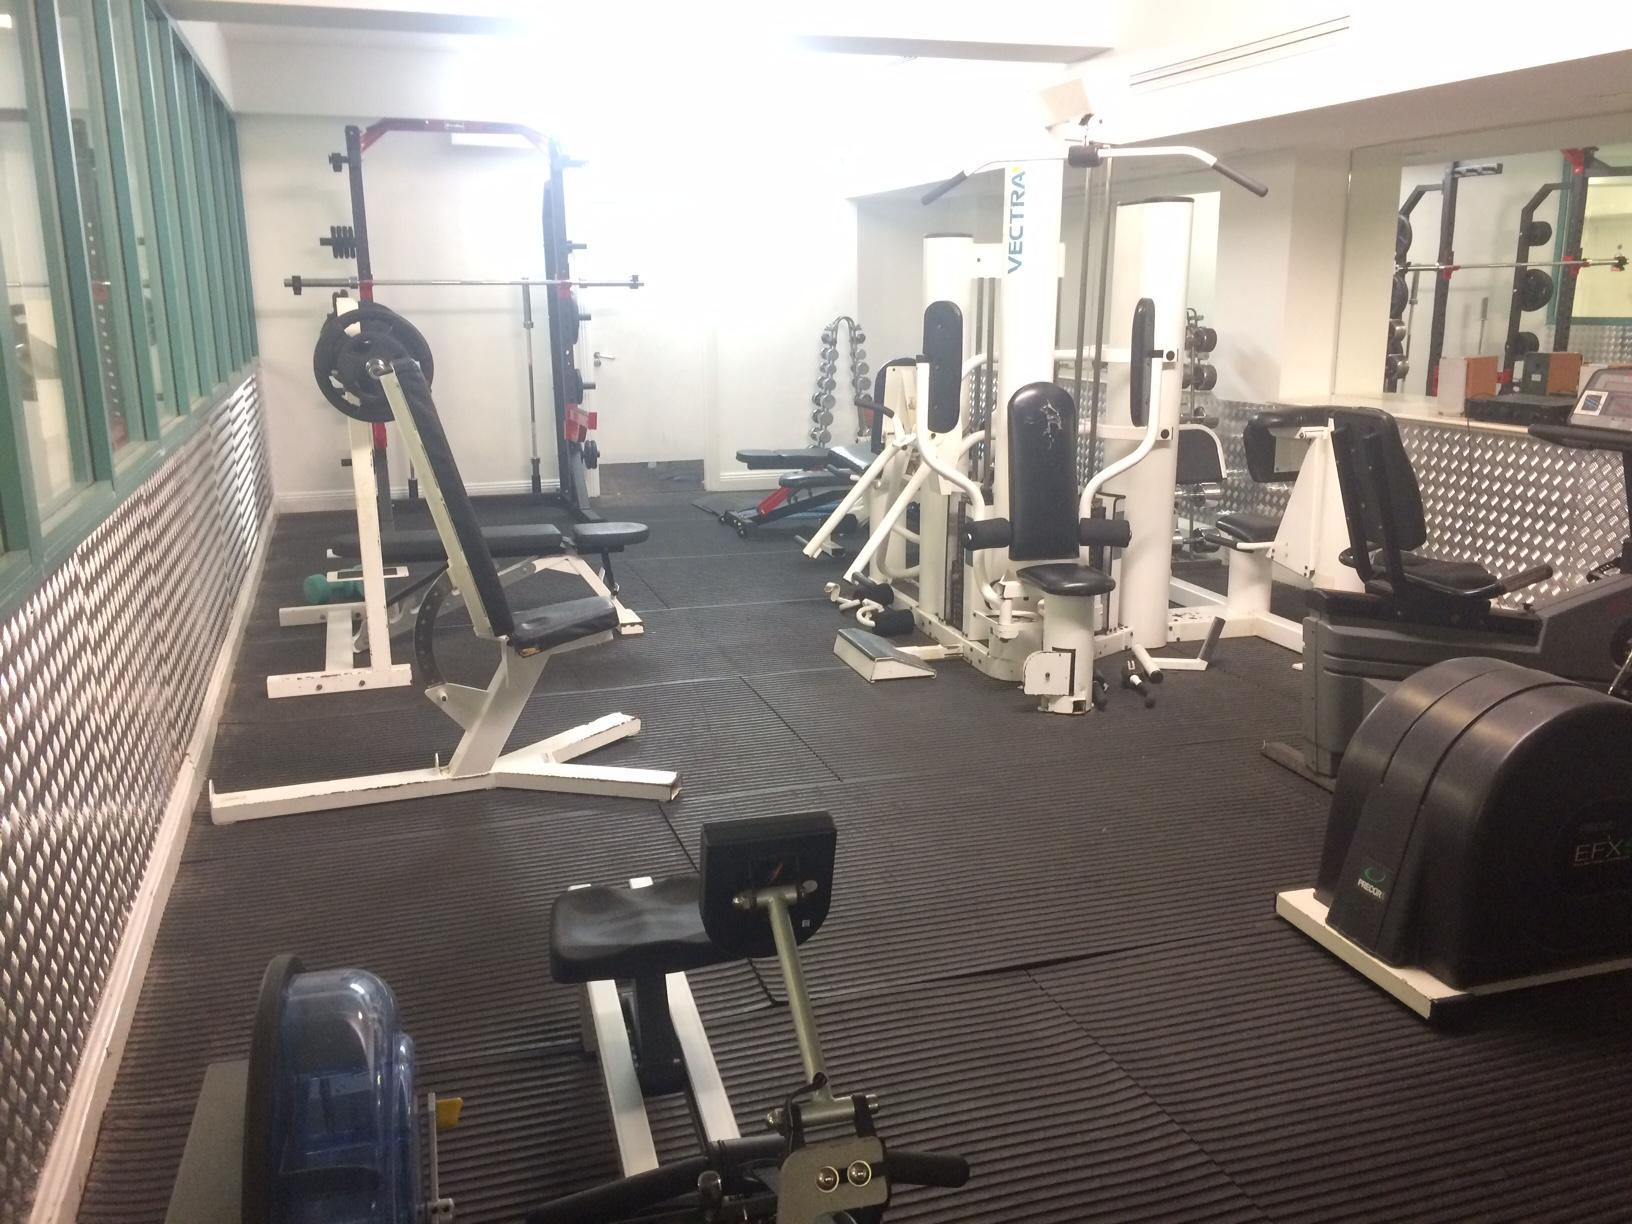 Gym update